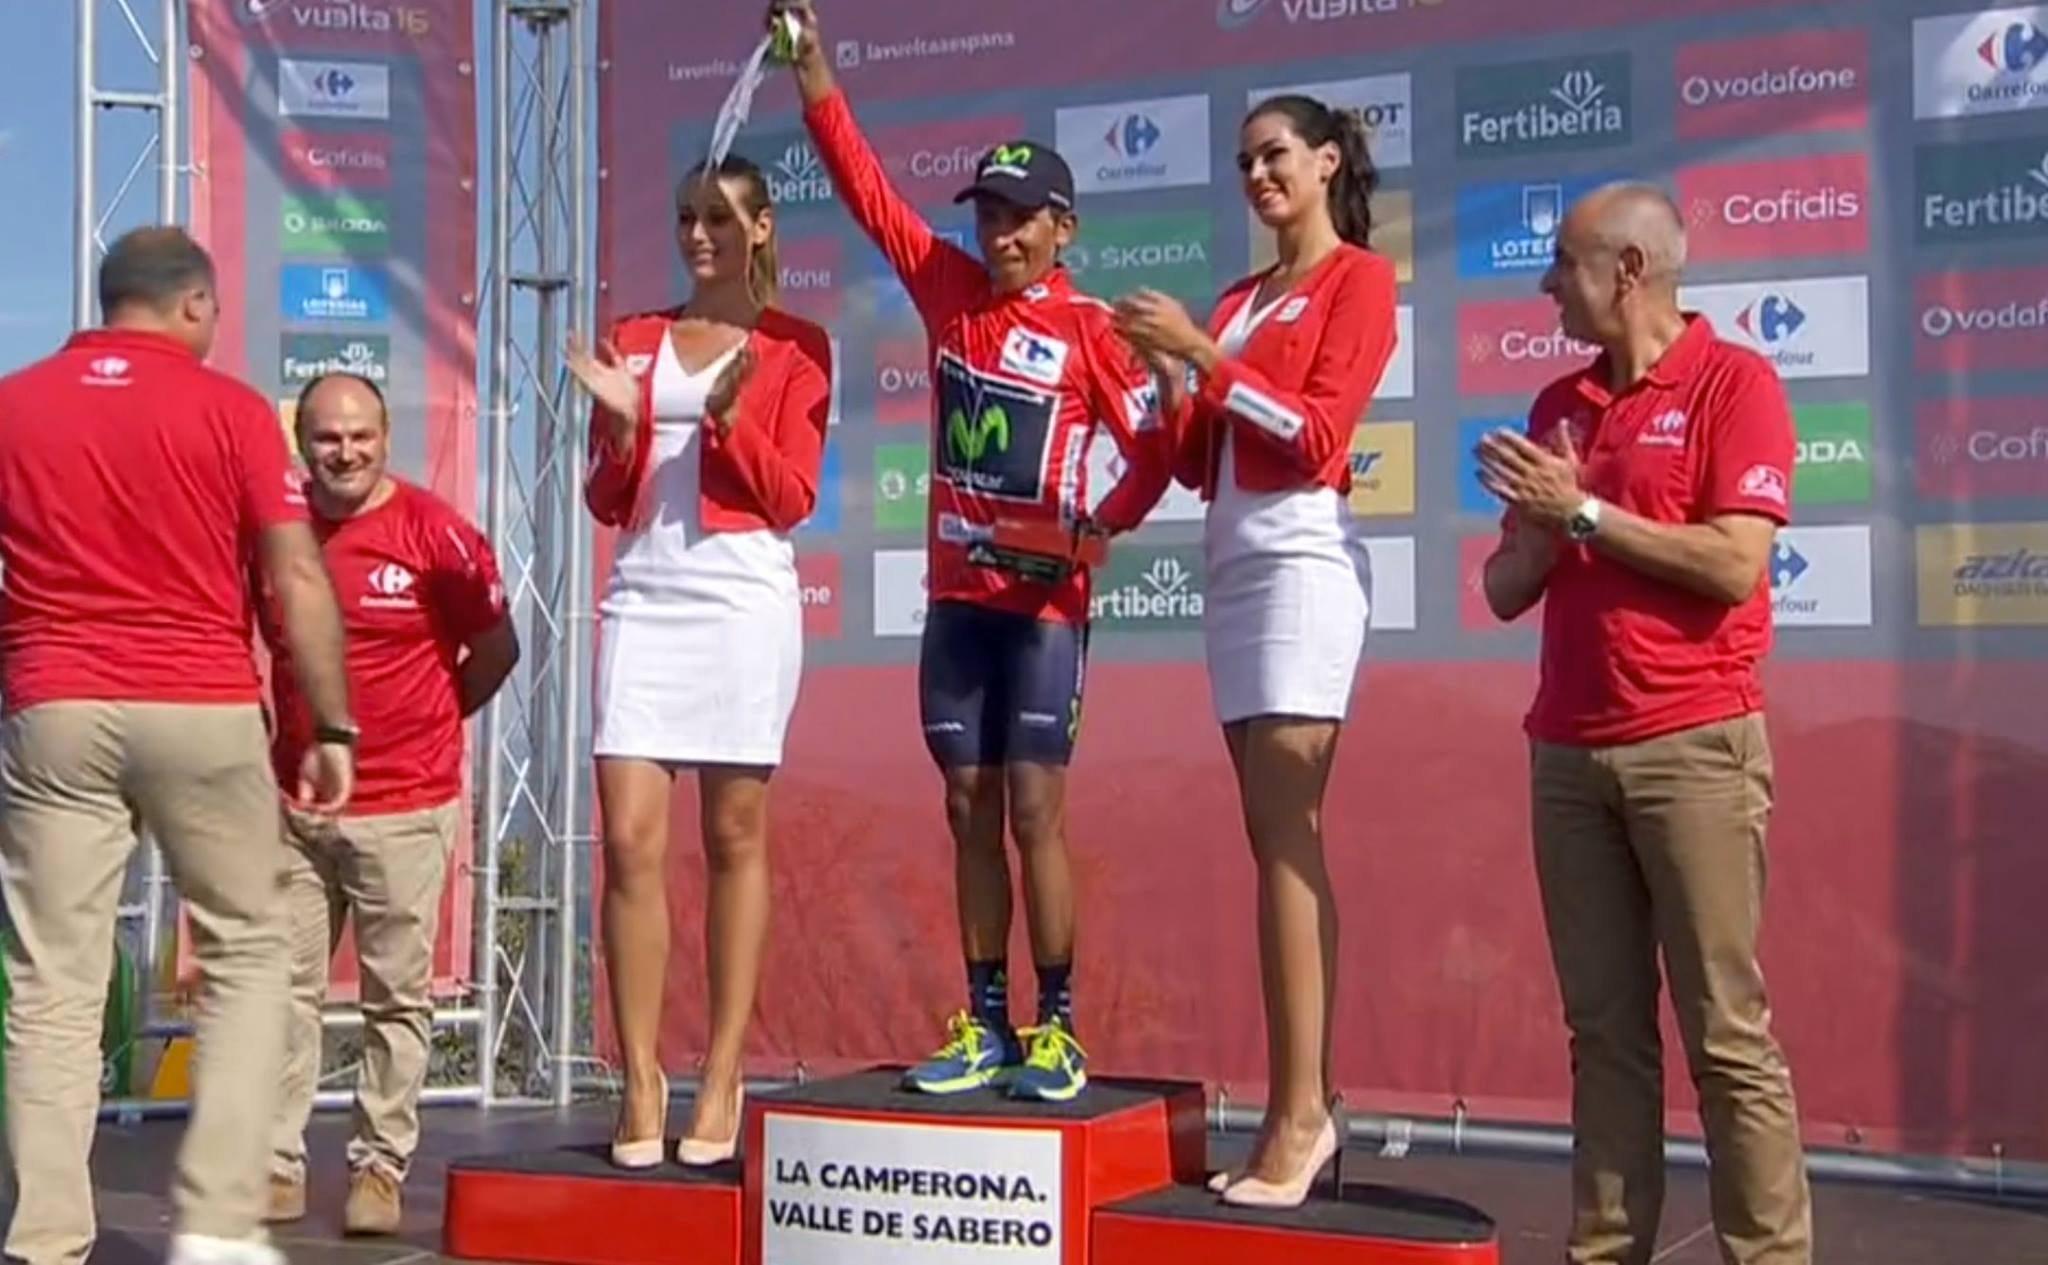 Quintana vette át a piros trikót